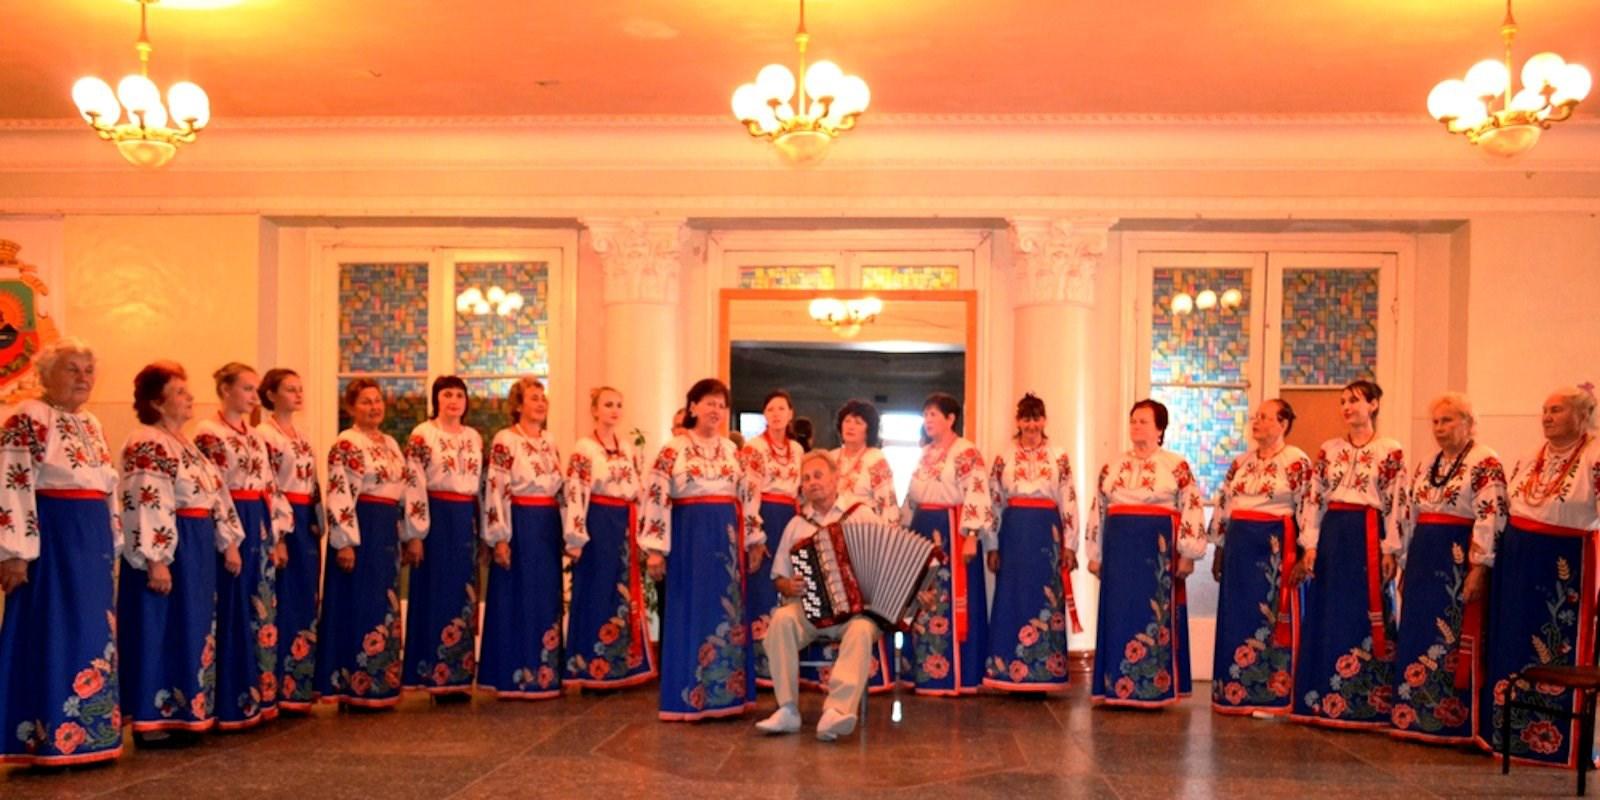 00 lutugino harvest festival lnr. lugansk pr 05. 250815